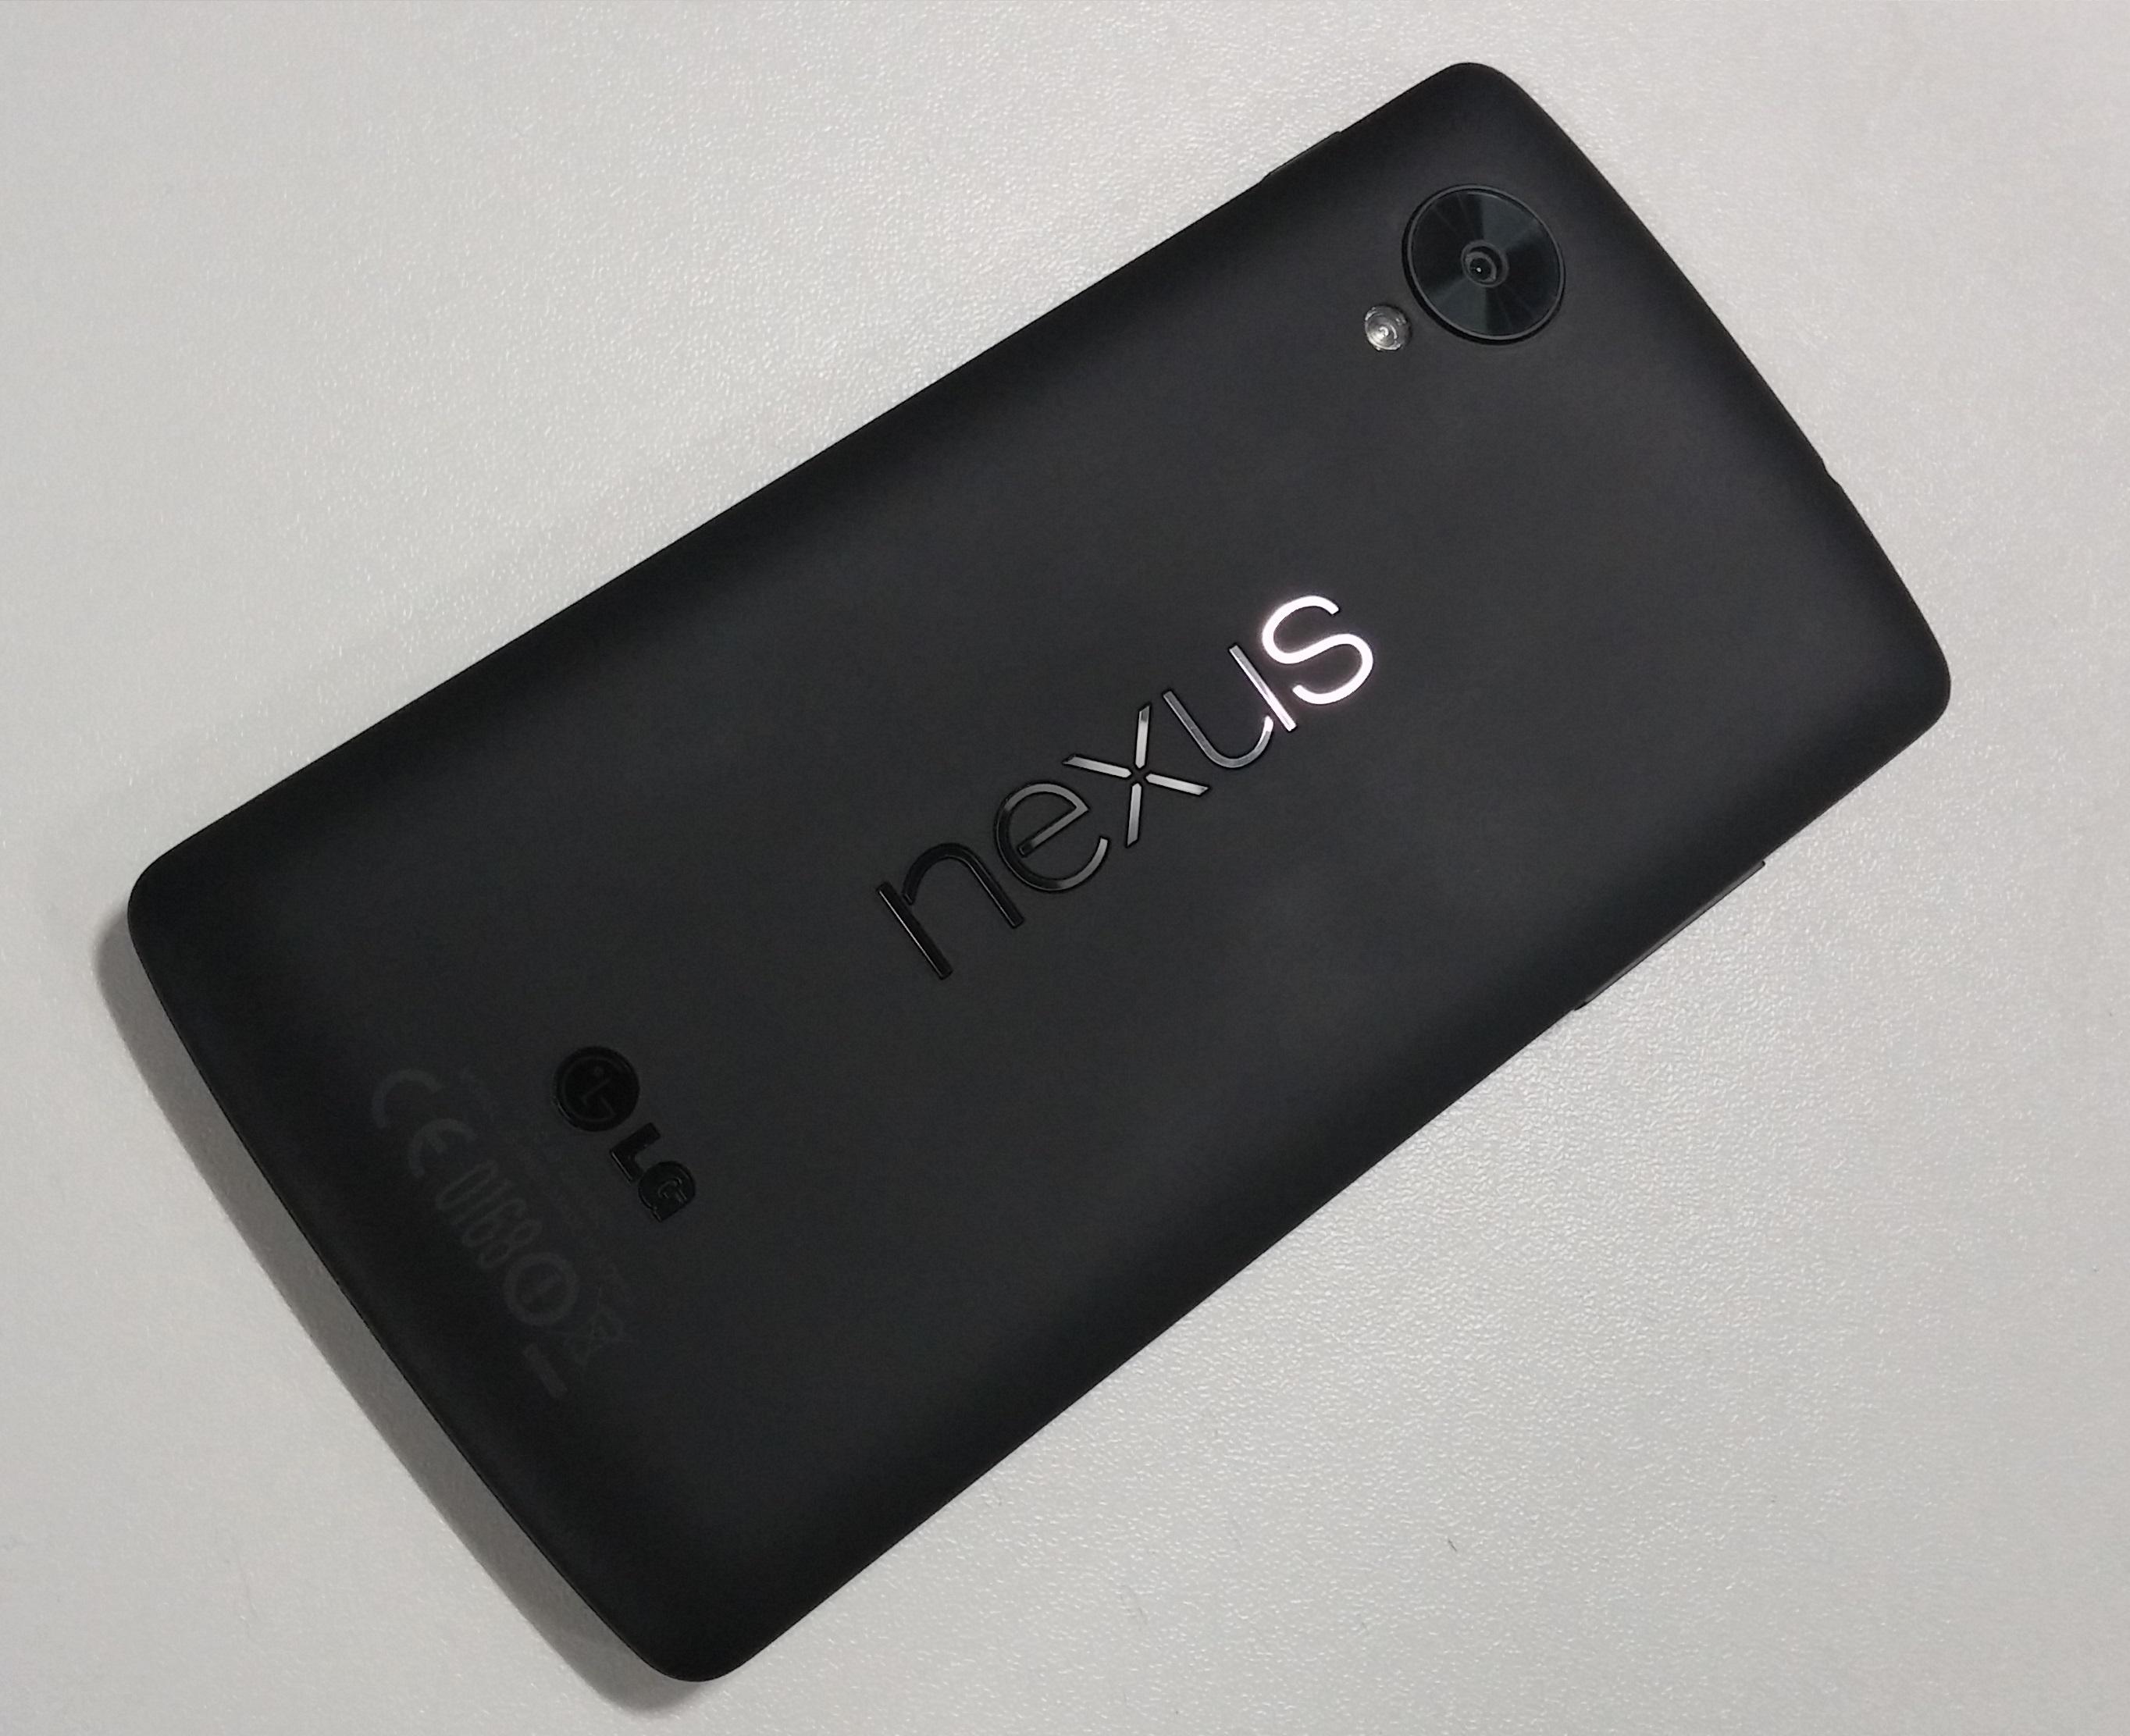 Nexus 5 : l'édition 2015 signée LG et différente du G4 ?